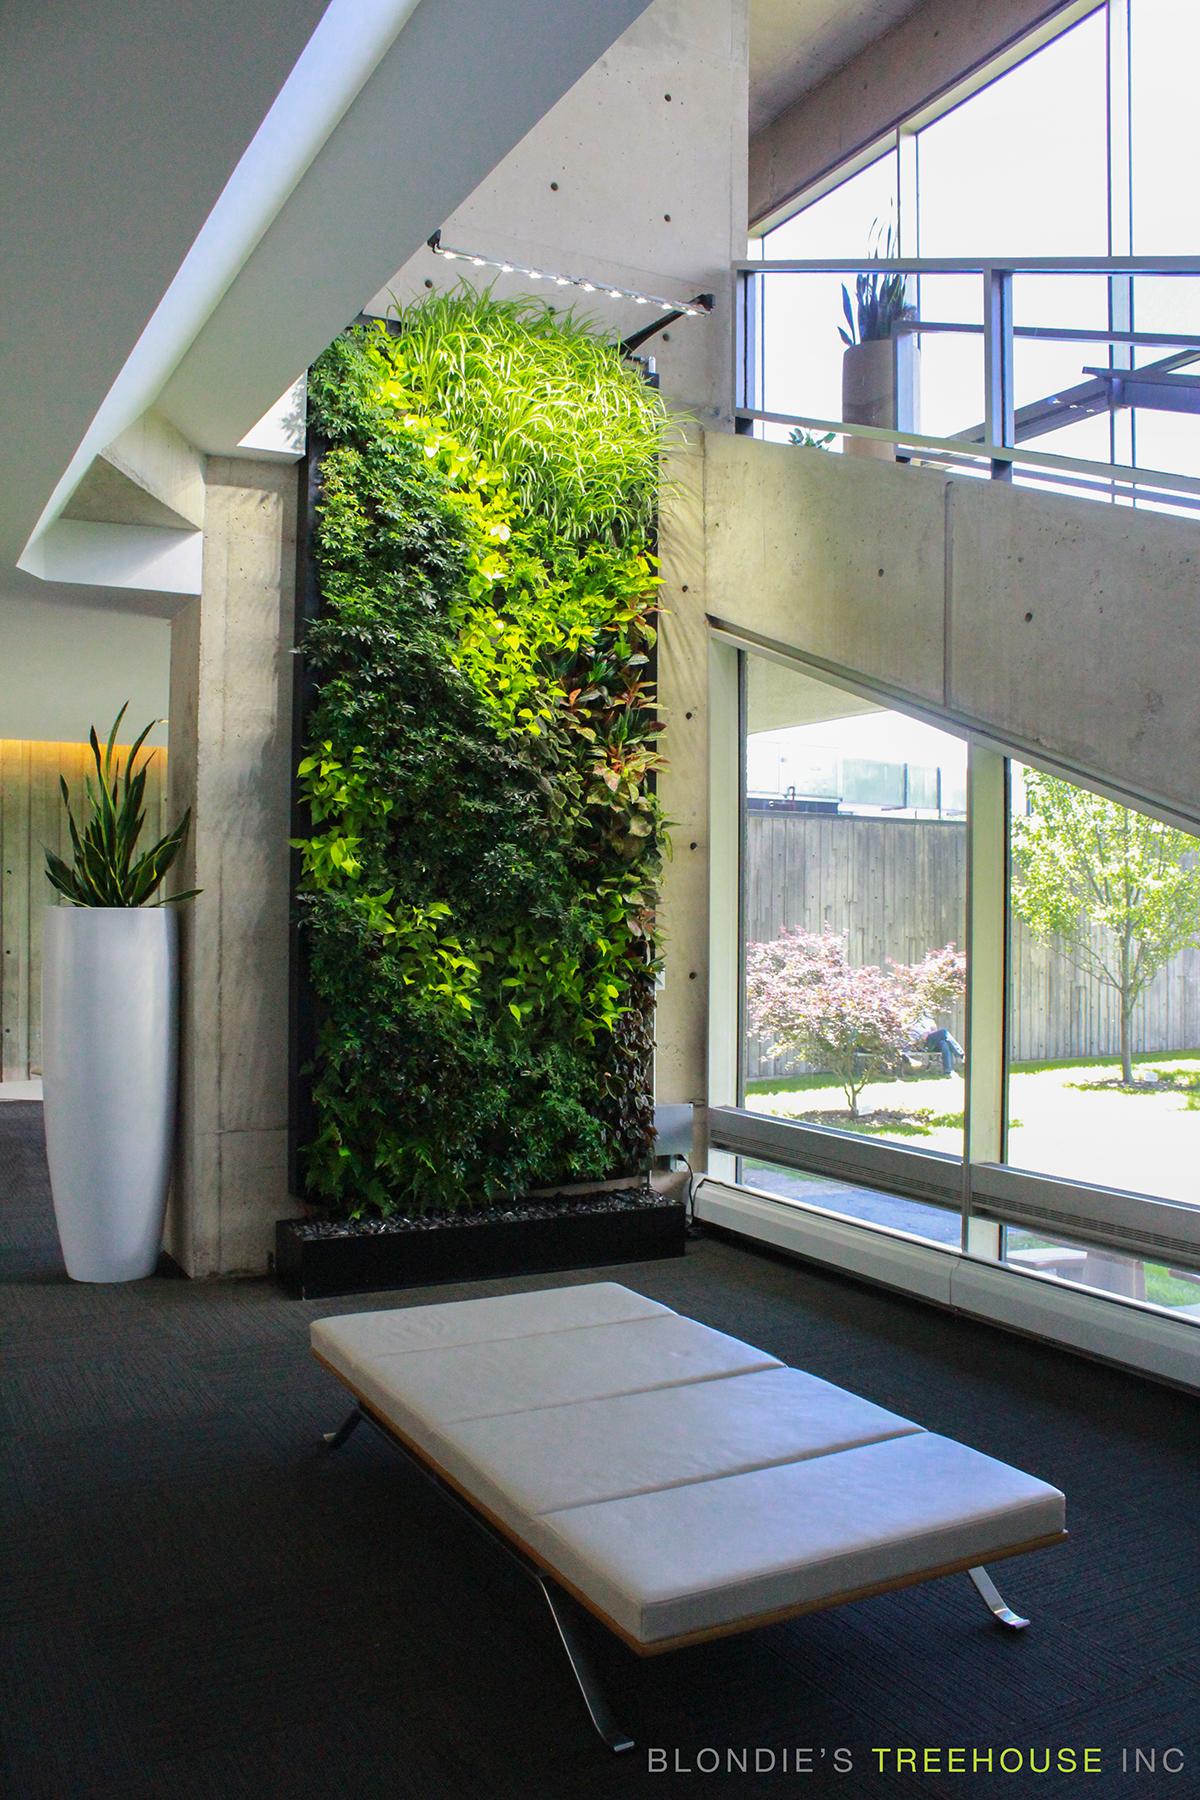 SemperGreenwall Living Walls in Toronto - Sempergreen